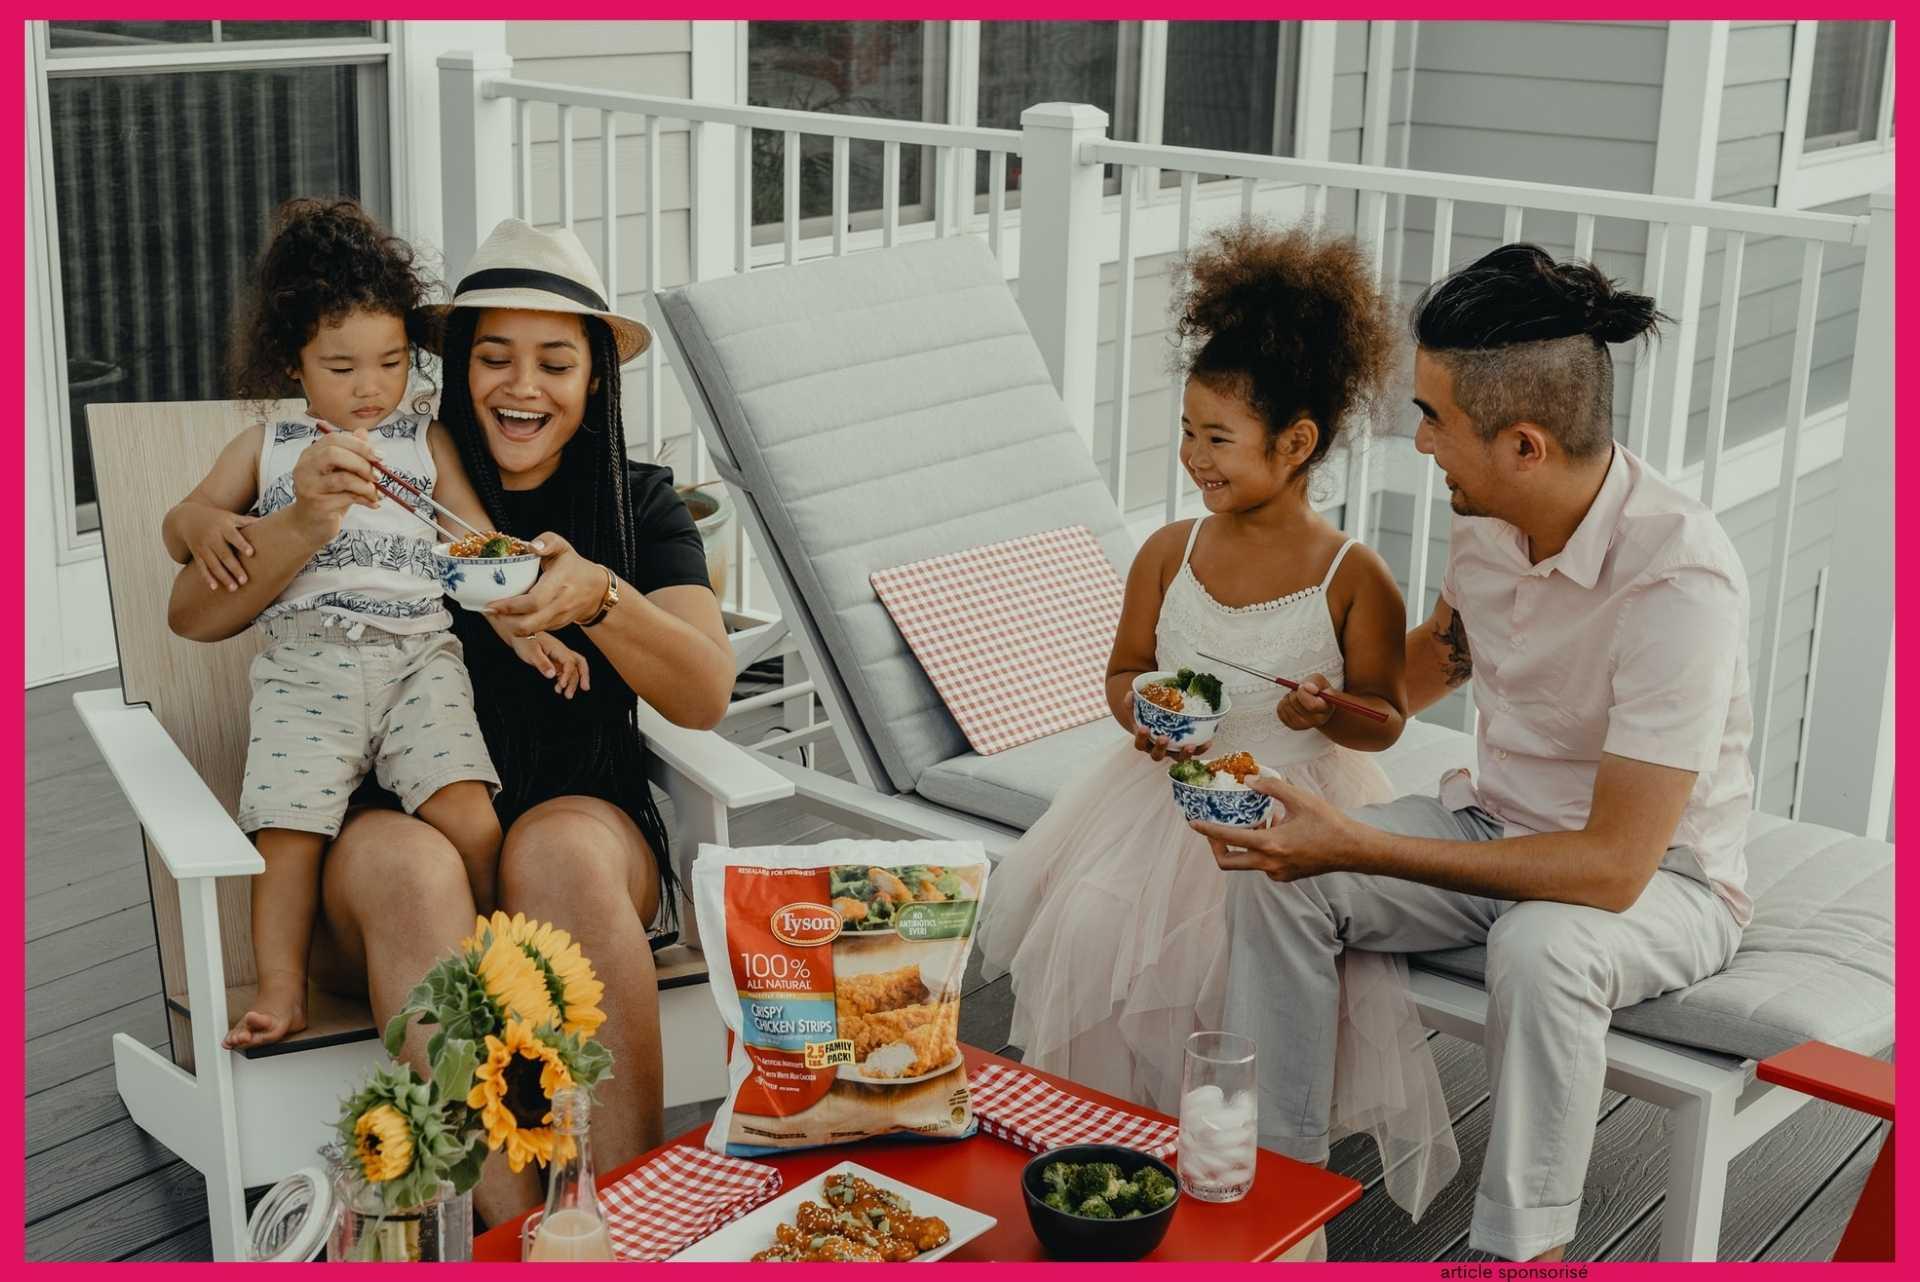 Comment faire une magnifique séance de photos de famille ?